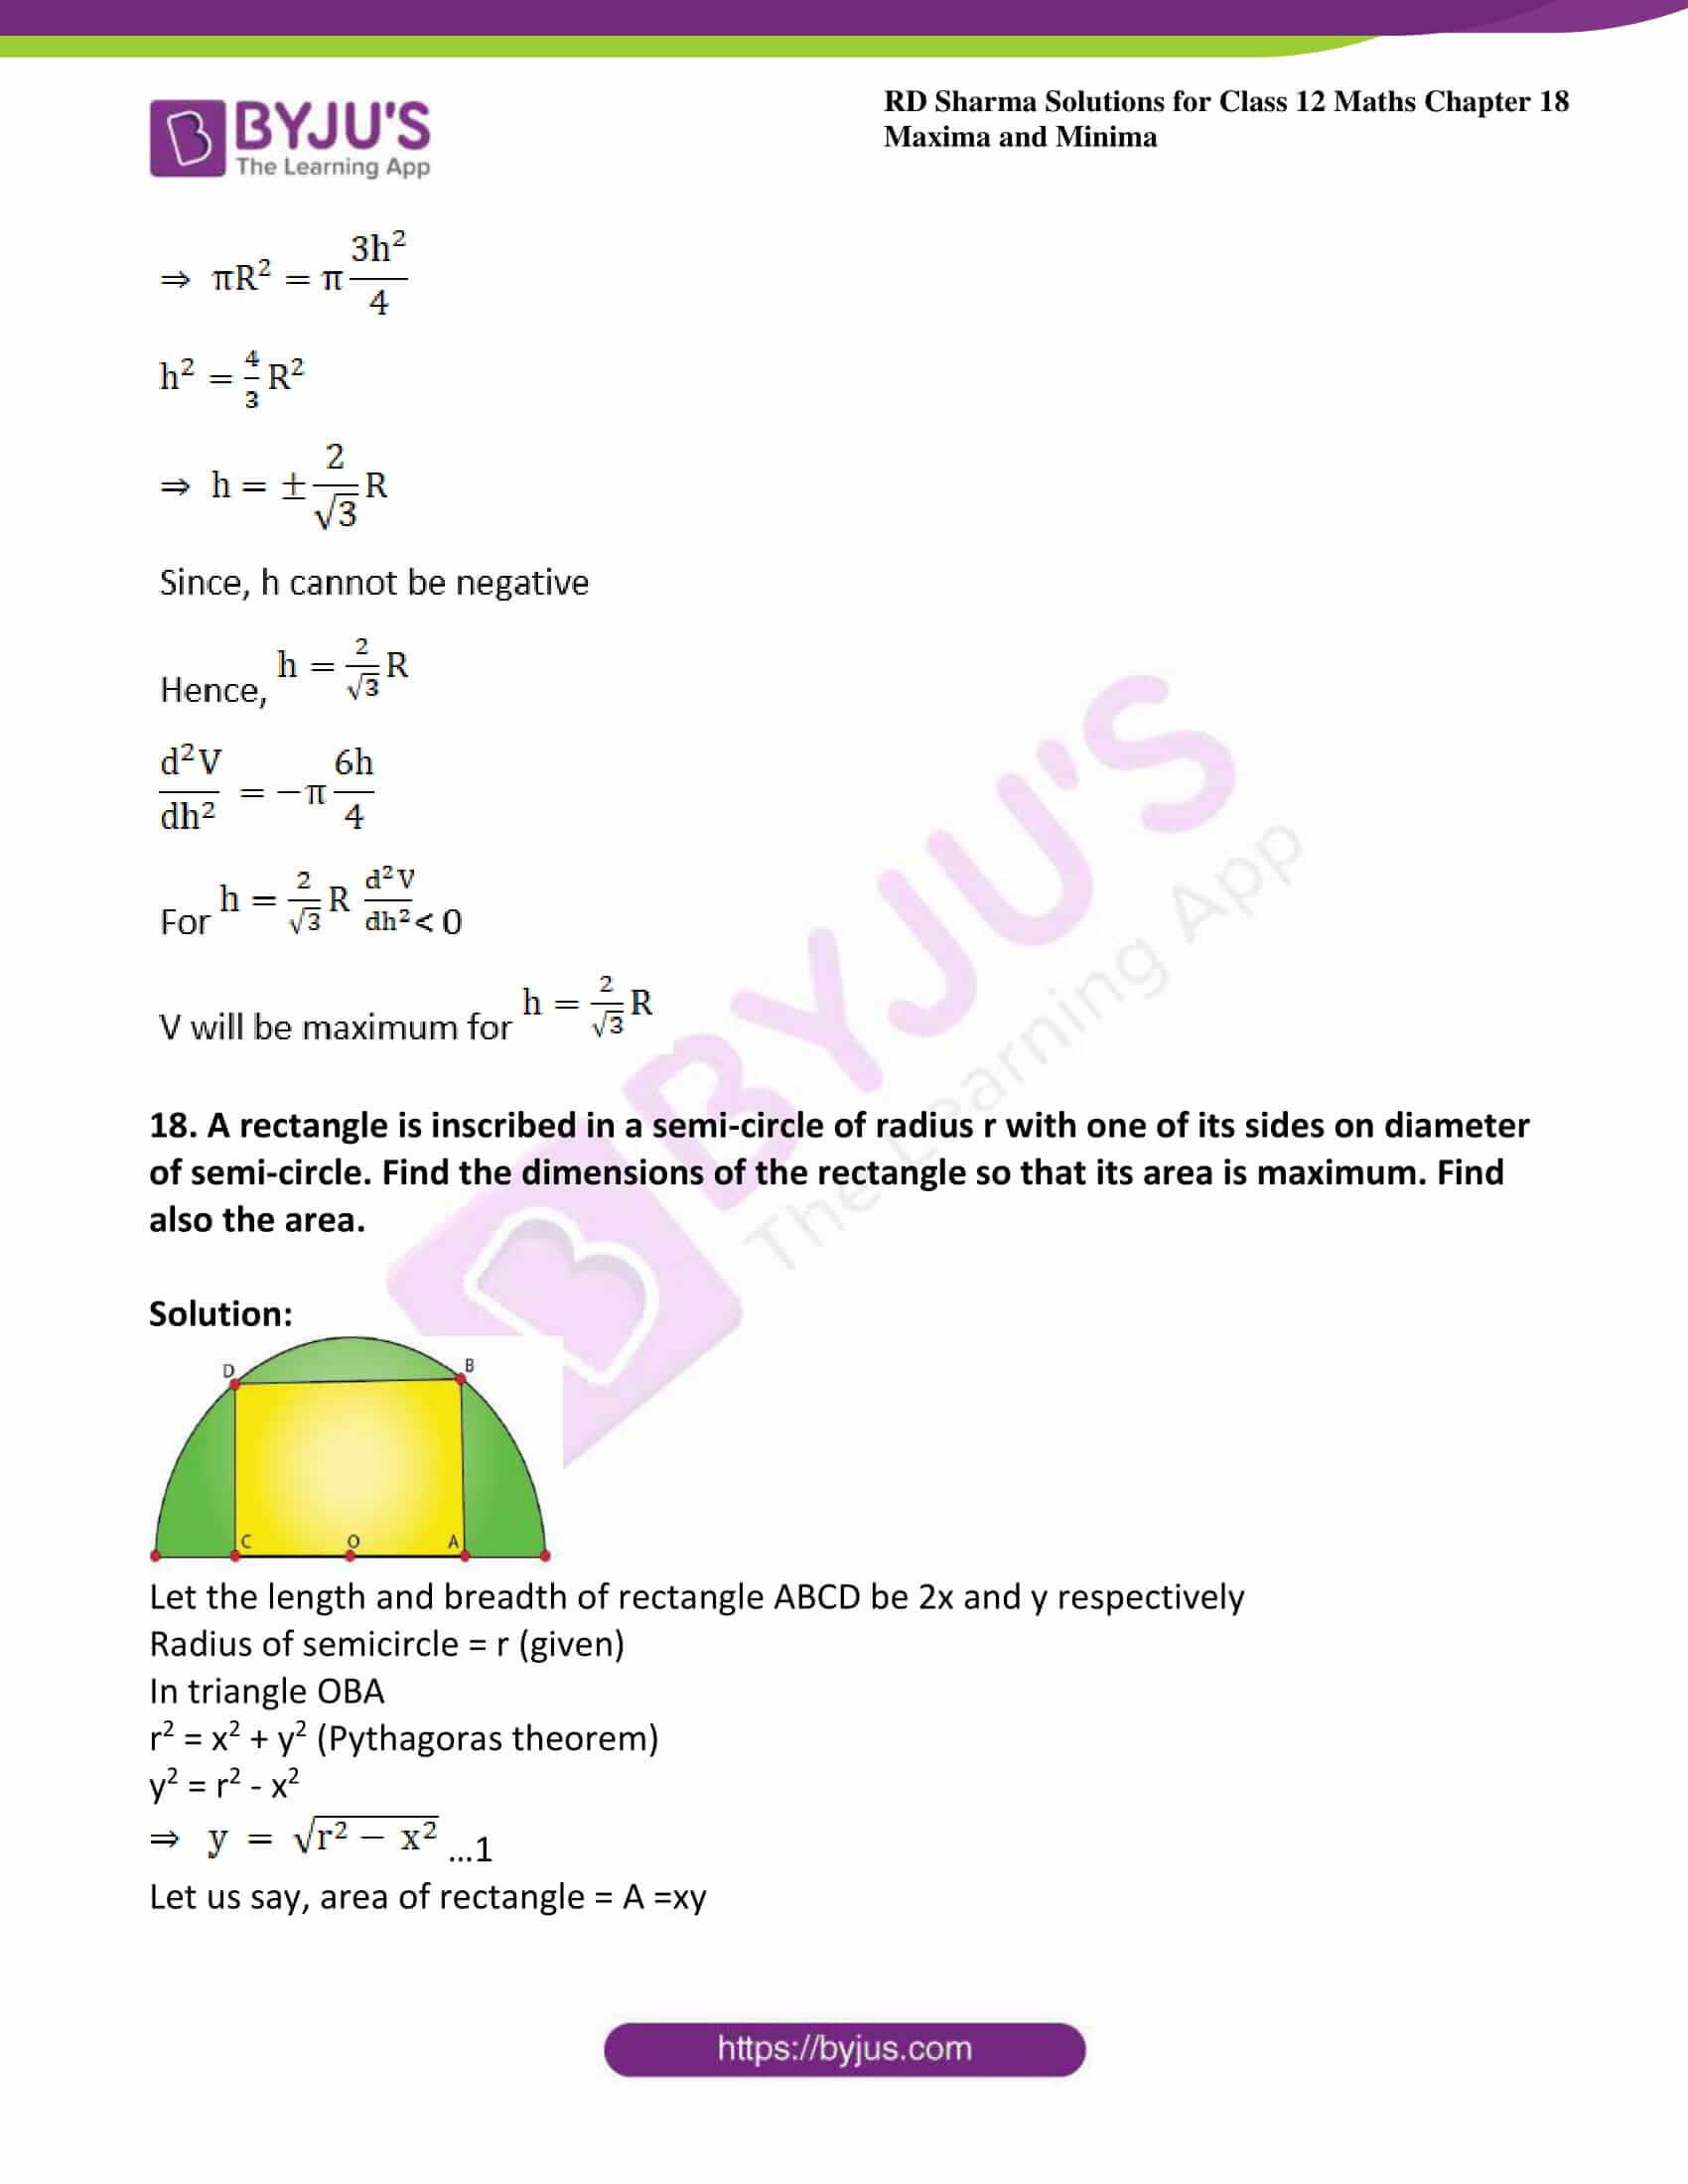 rd sharma class 12 maths sol chap 18 ex 5 24